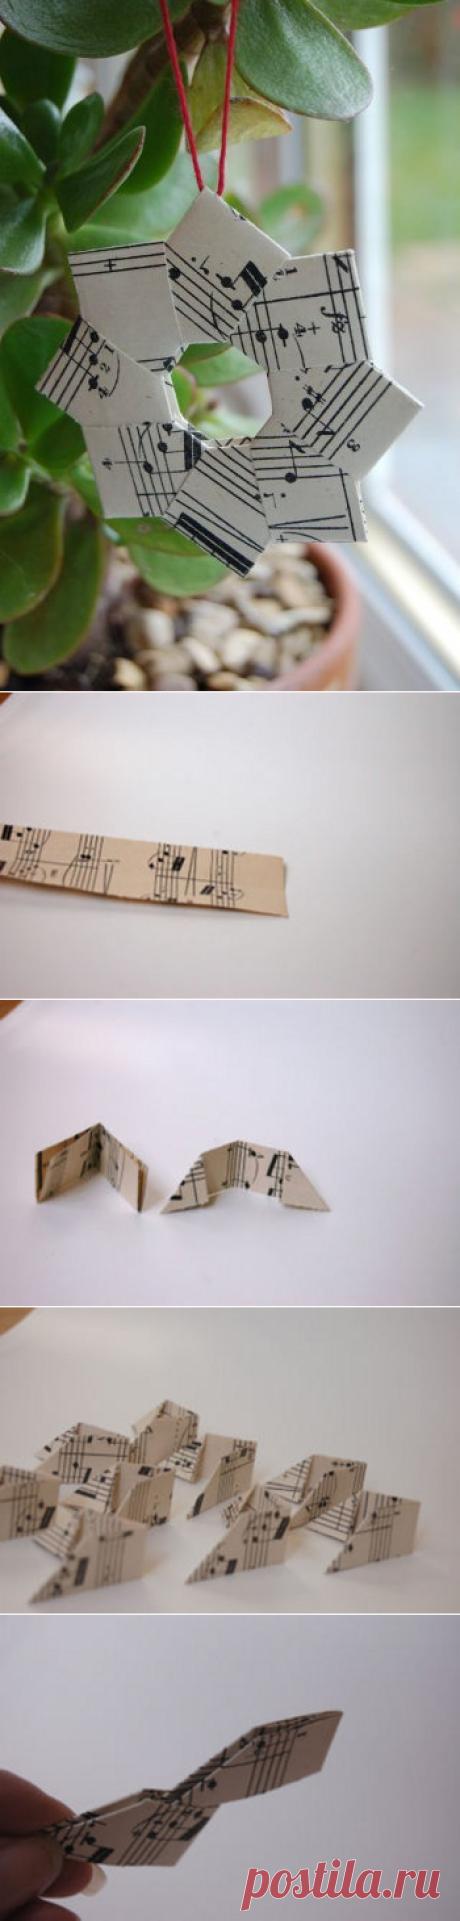 Оригинальная ёлочная игрушка— оригами  Помните, как в школе и детском саду перед Новым Годом мы всегда делали поделки-украшения из бумаги? Обычно это были несложные фонарики и снежинки. Мы предлагаем вам более оригинальный вариант — новогодний венок в стиле оригами.